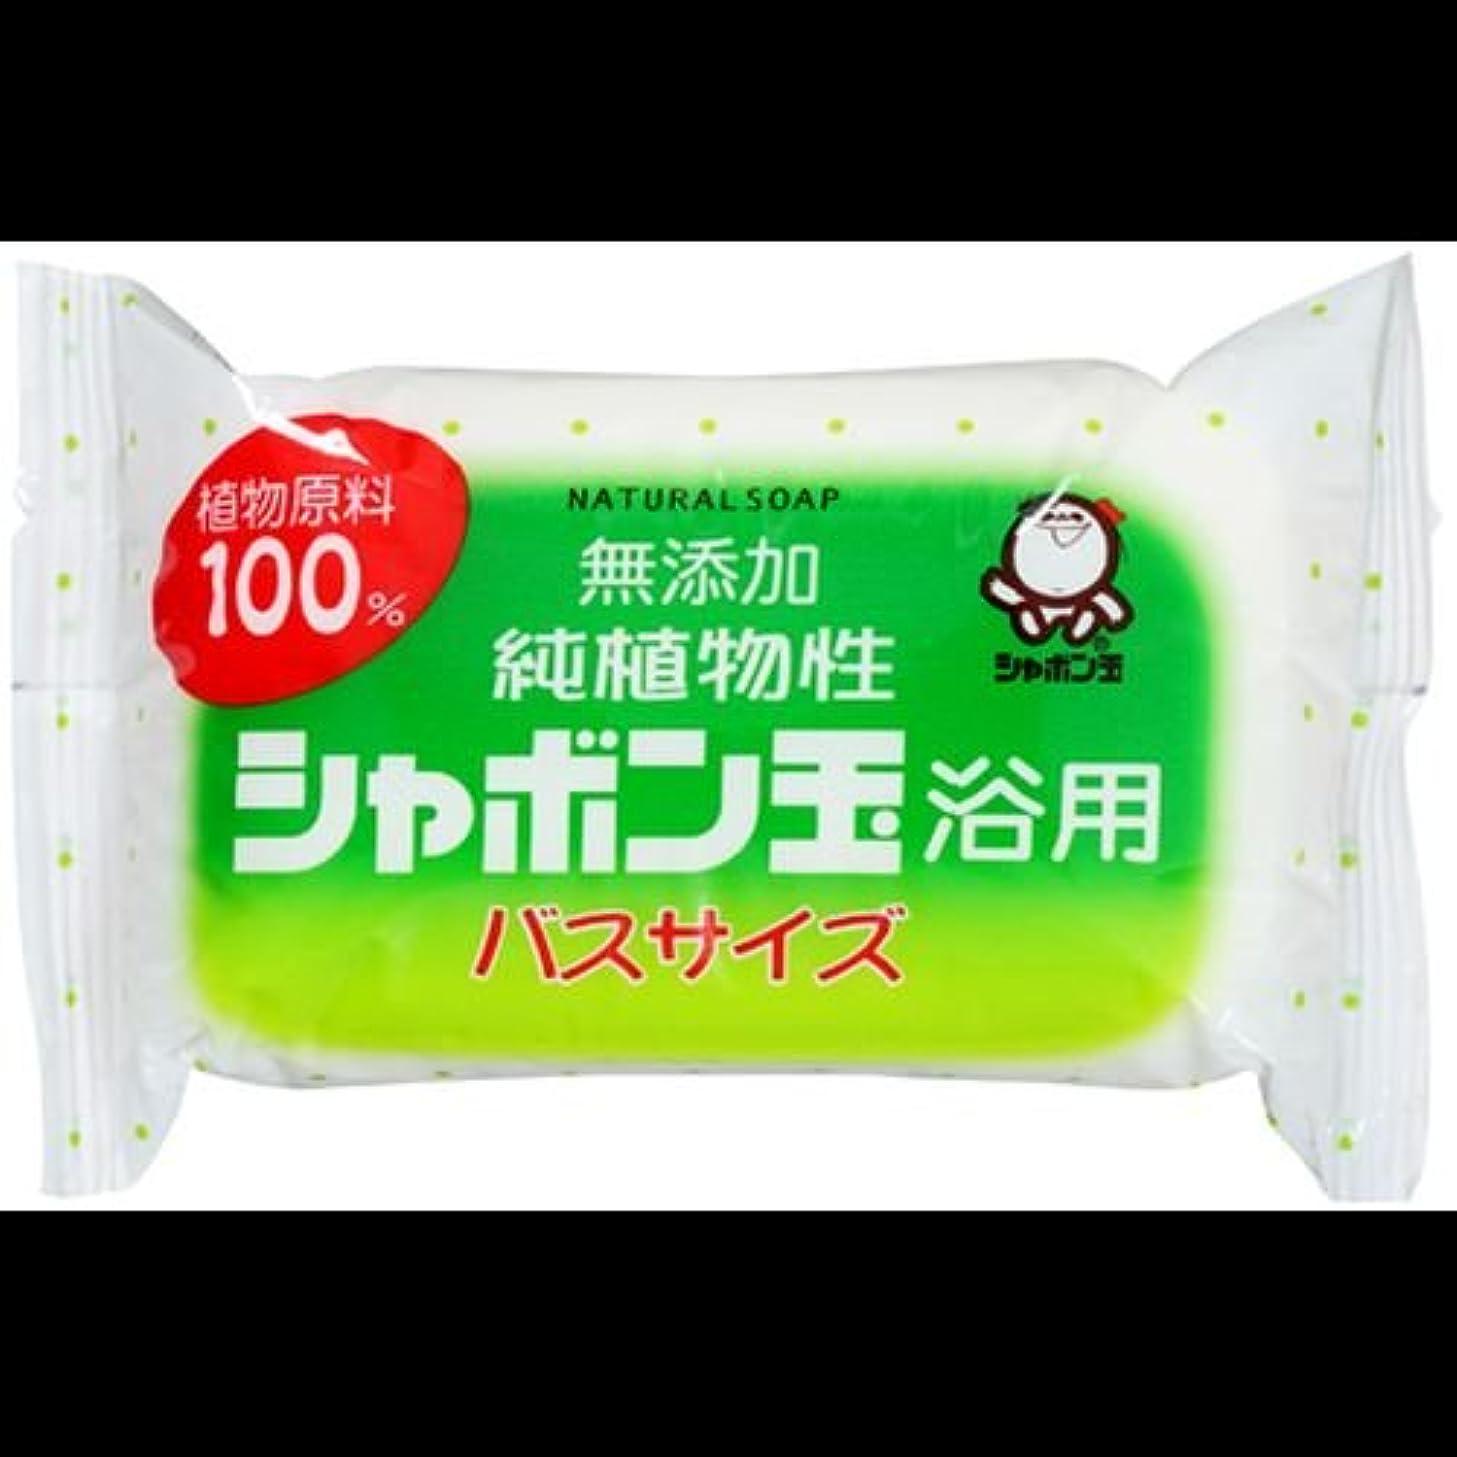 切り刻む爆風チョーク【まとめ買い】純植物性シャボン玉 浴用 バスサイズ155g ×2セット